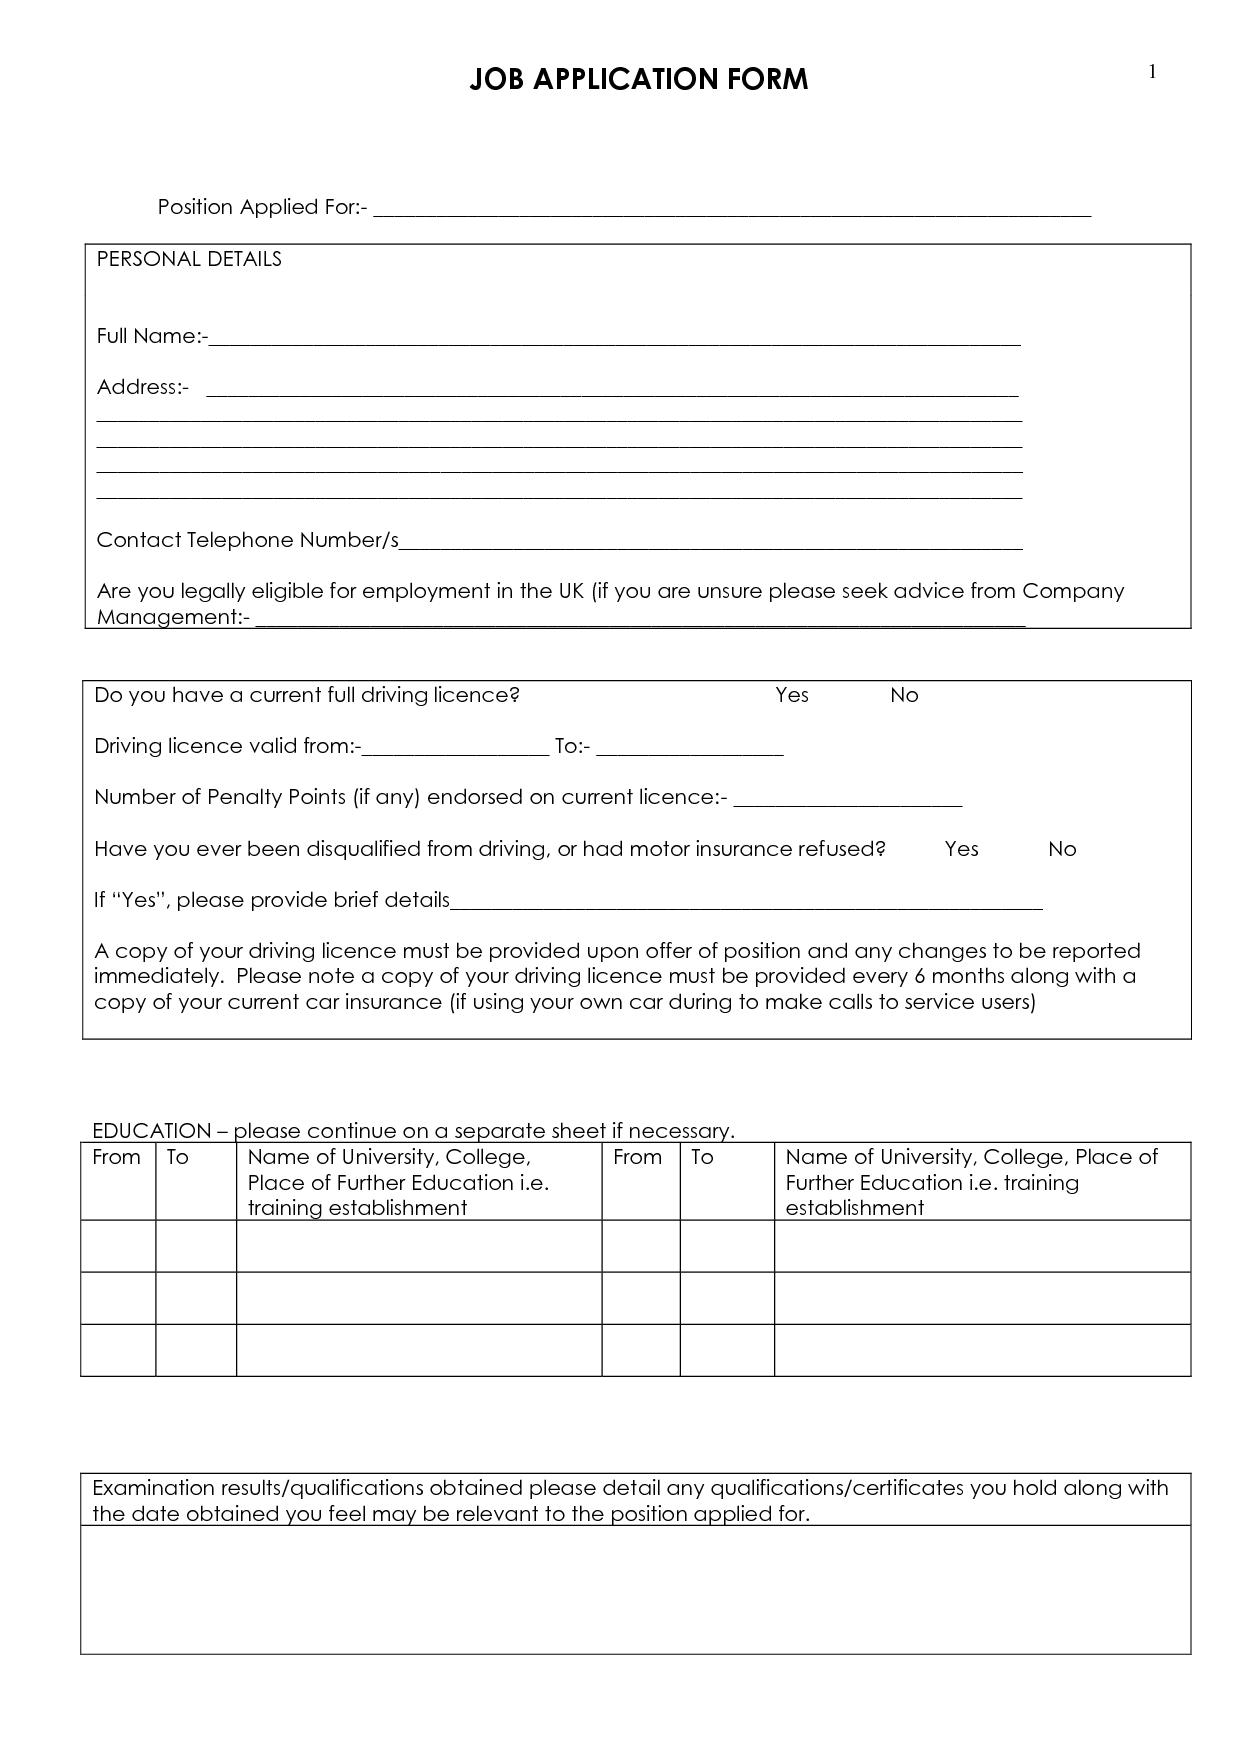 New Job Application Templates #xls #xlsformat #xlstemplates ...